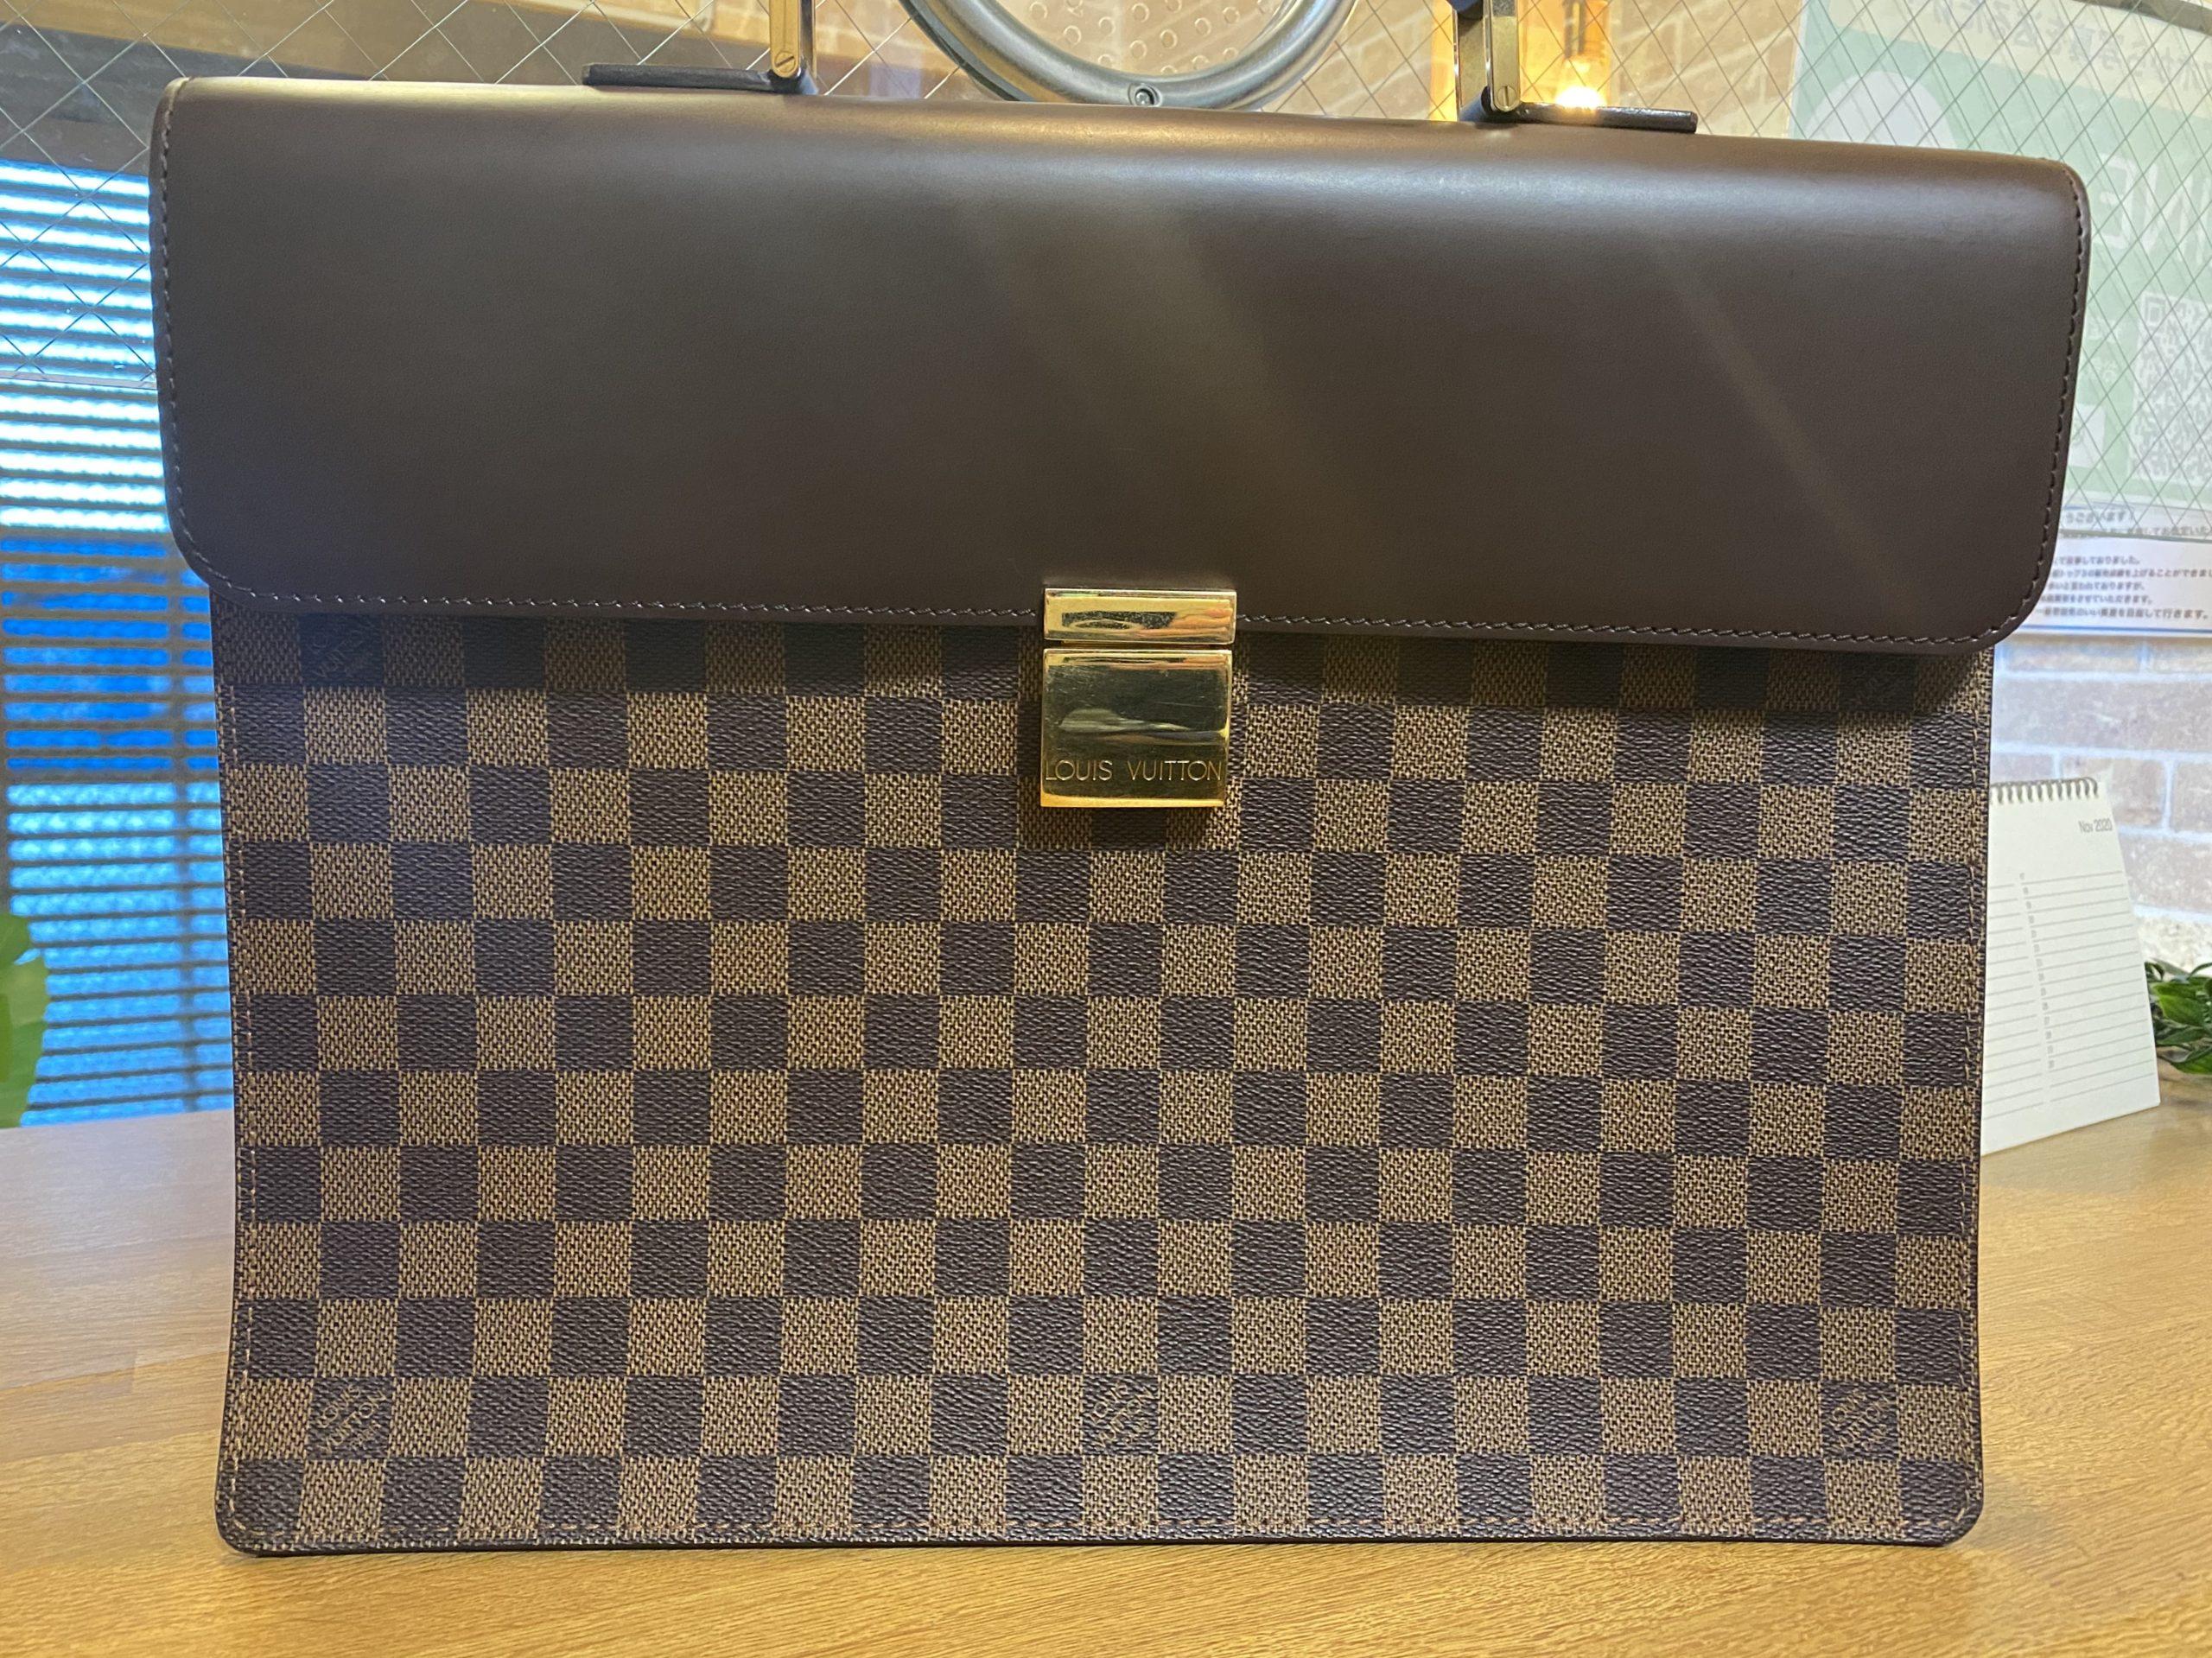 ルイヴィトン ダミエ アルトナPM N53315をお買取させていただきました。